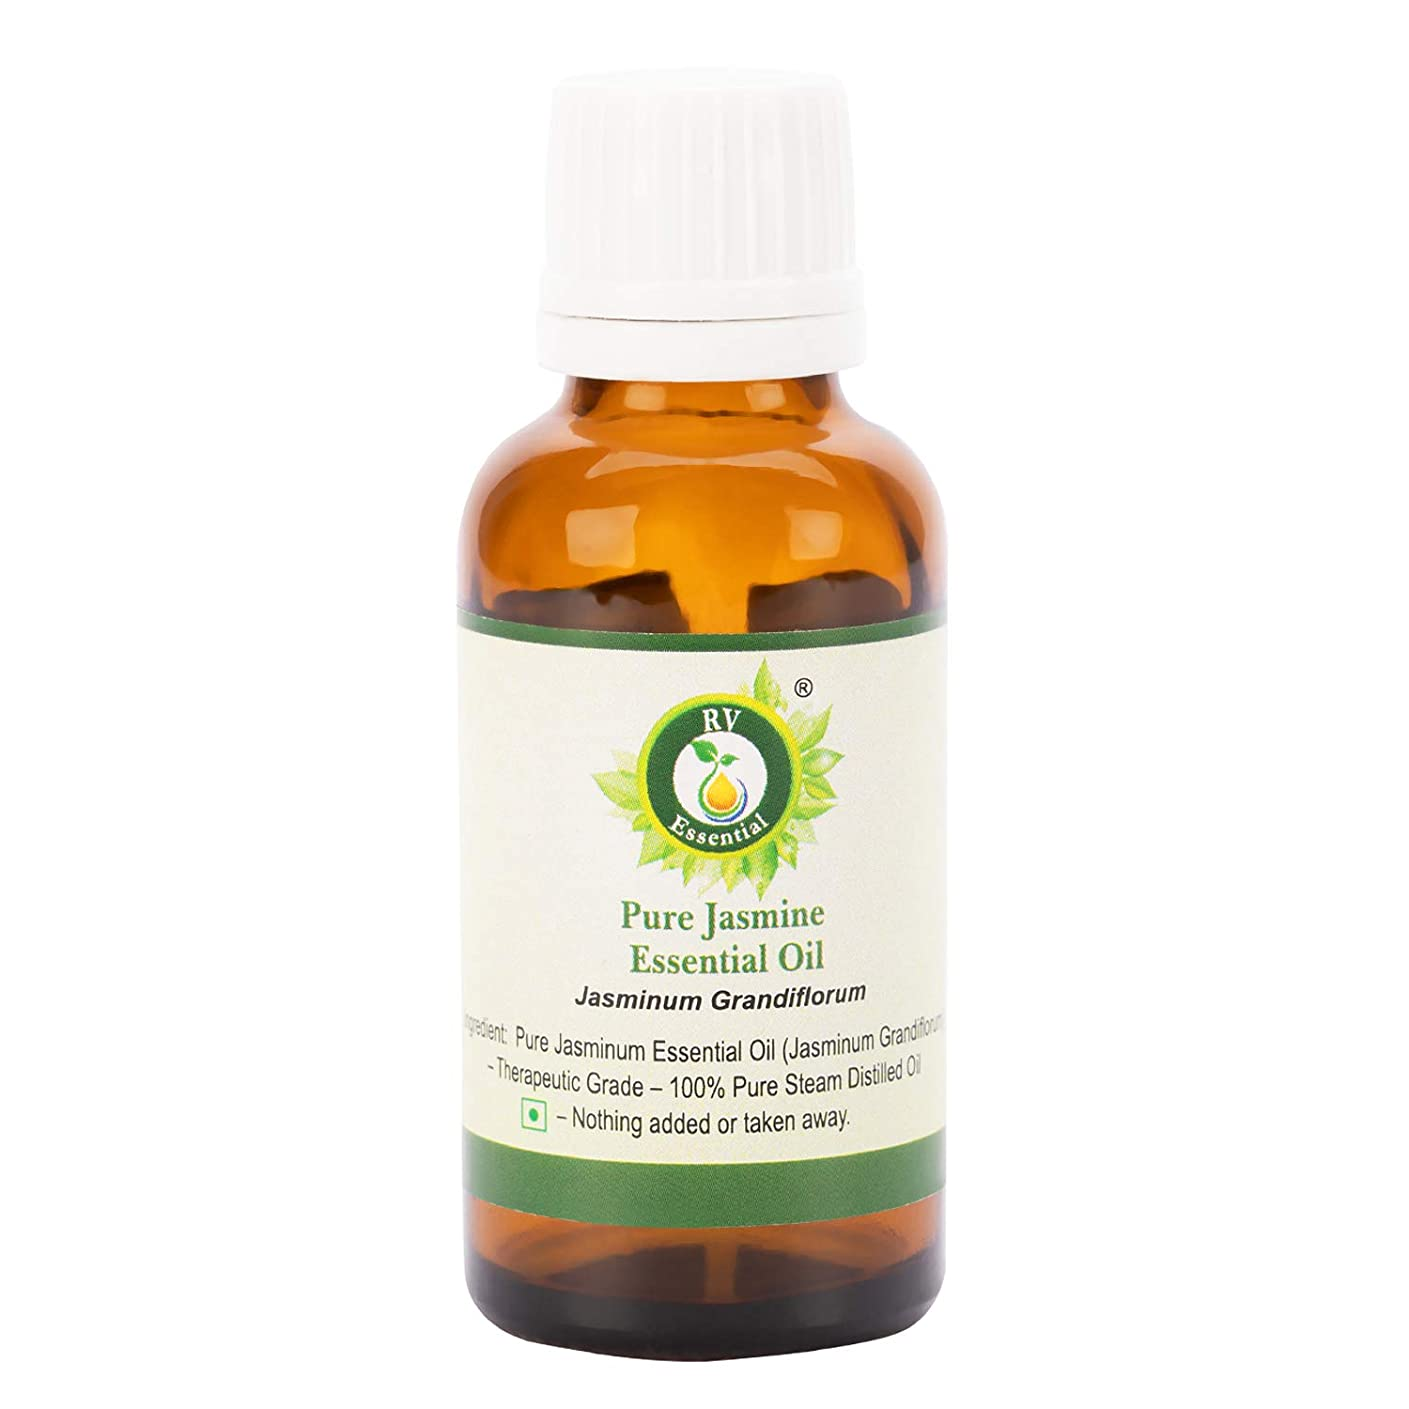 フレア車王女ピュアジャスミンエッセンシャルオイル30ml (1.01oz)- Jasminum Grandiflorum (100%純粋&天然スチームDistilled) Pure Jasmine Essential Oil